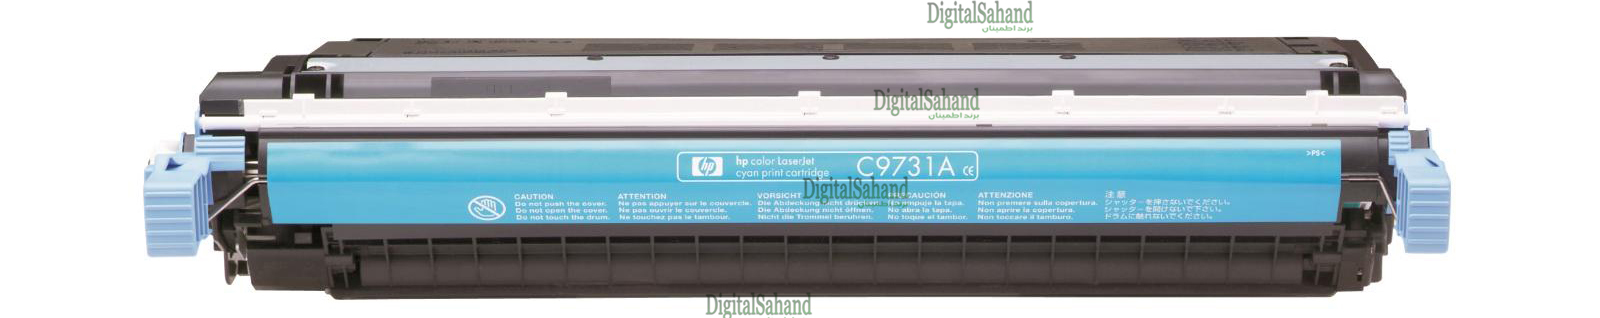 کارتریج تونر HP 645A CYAN